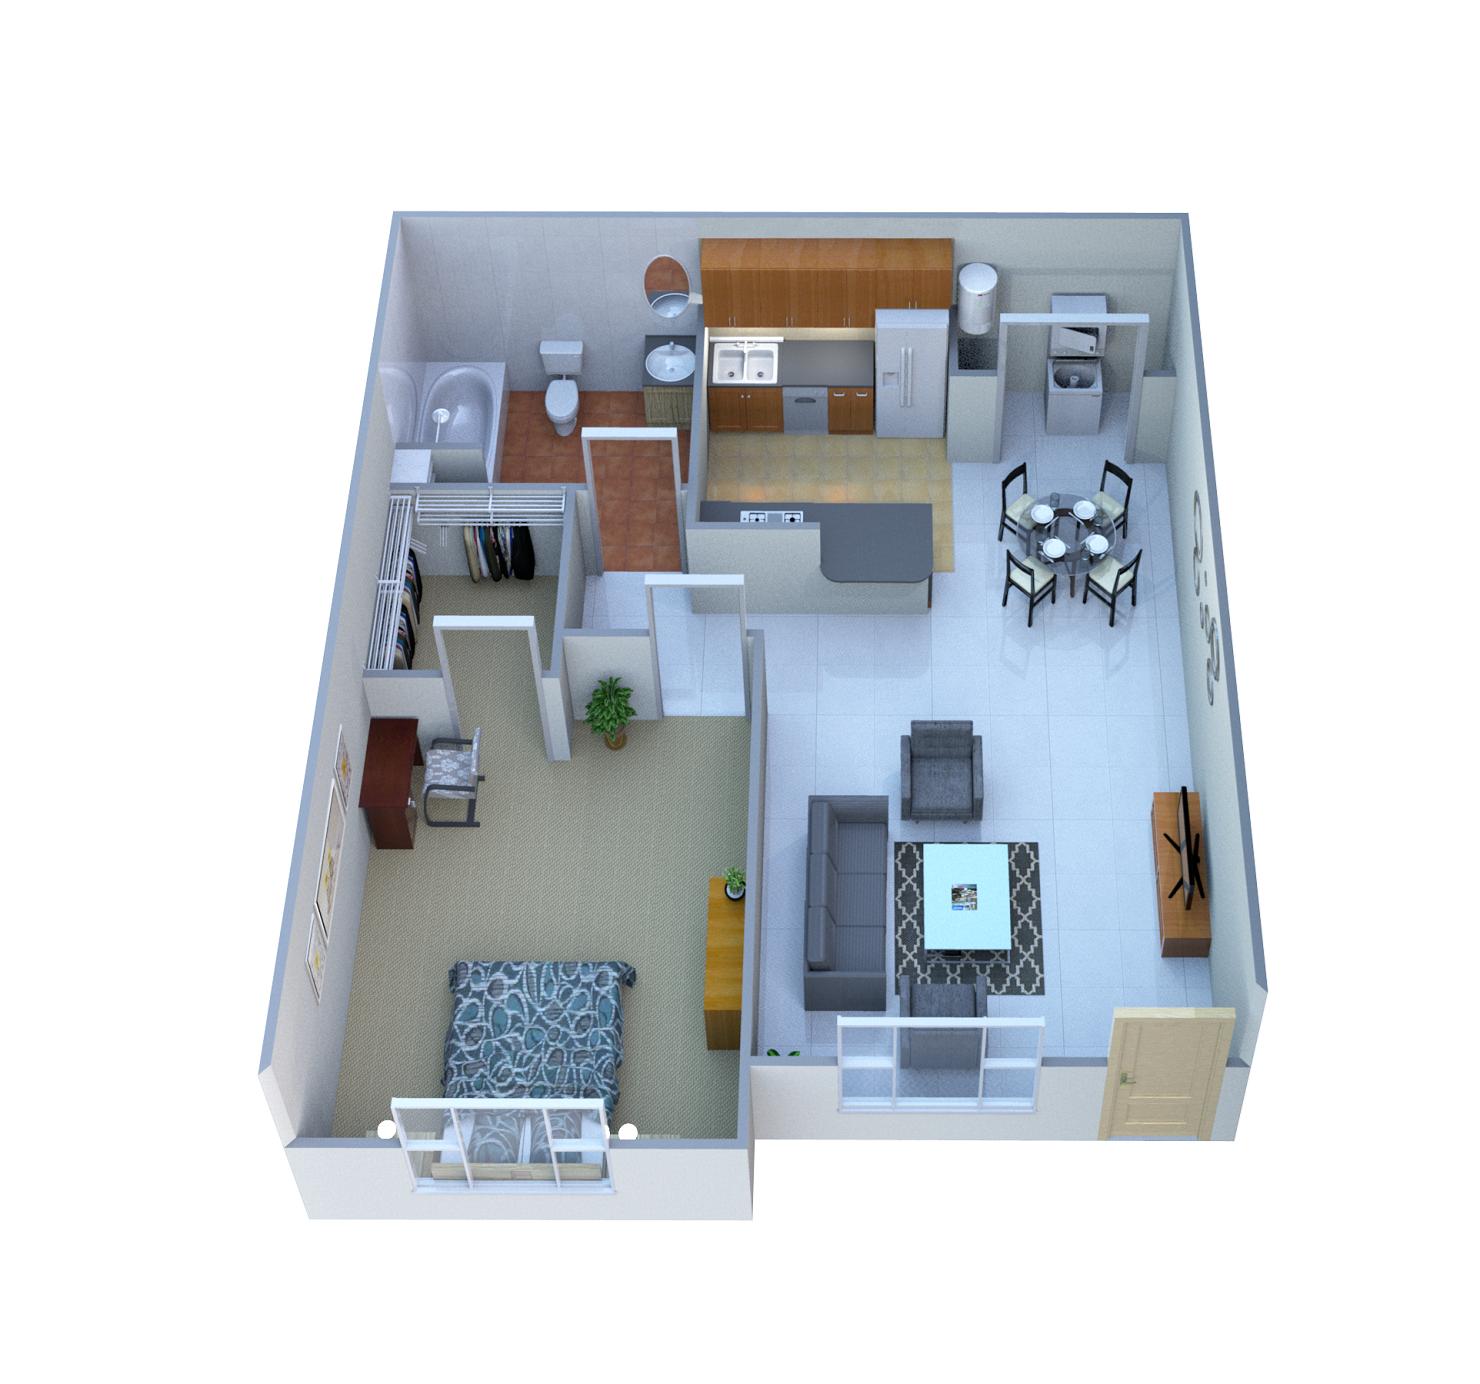 Ventana Floor Plan 1